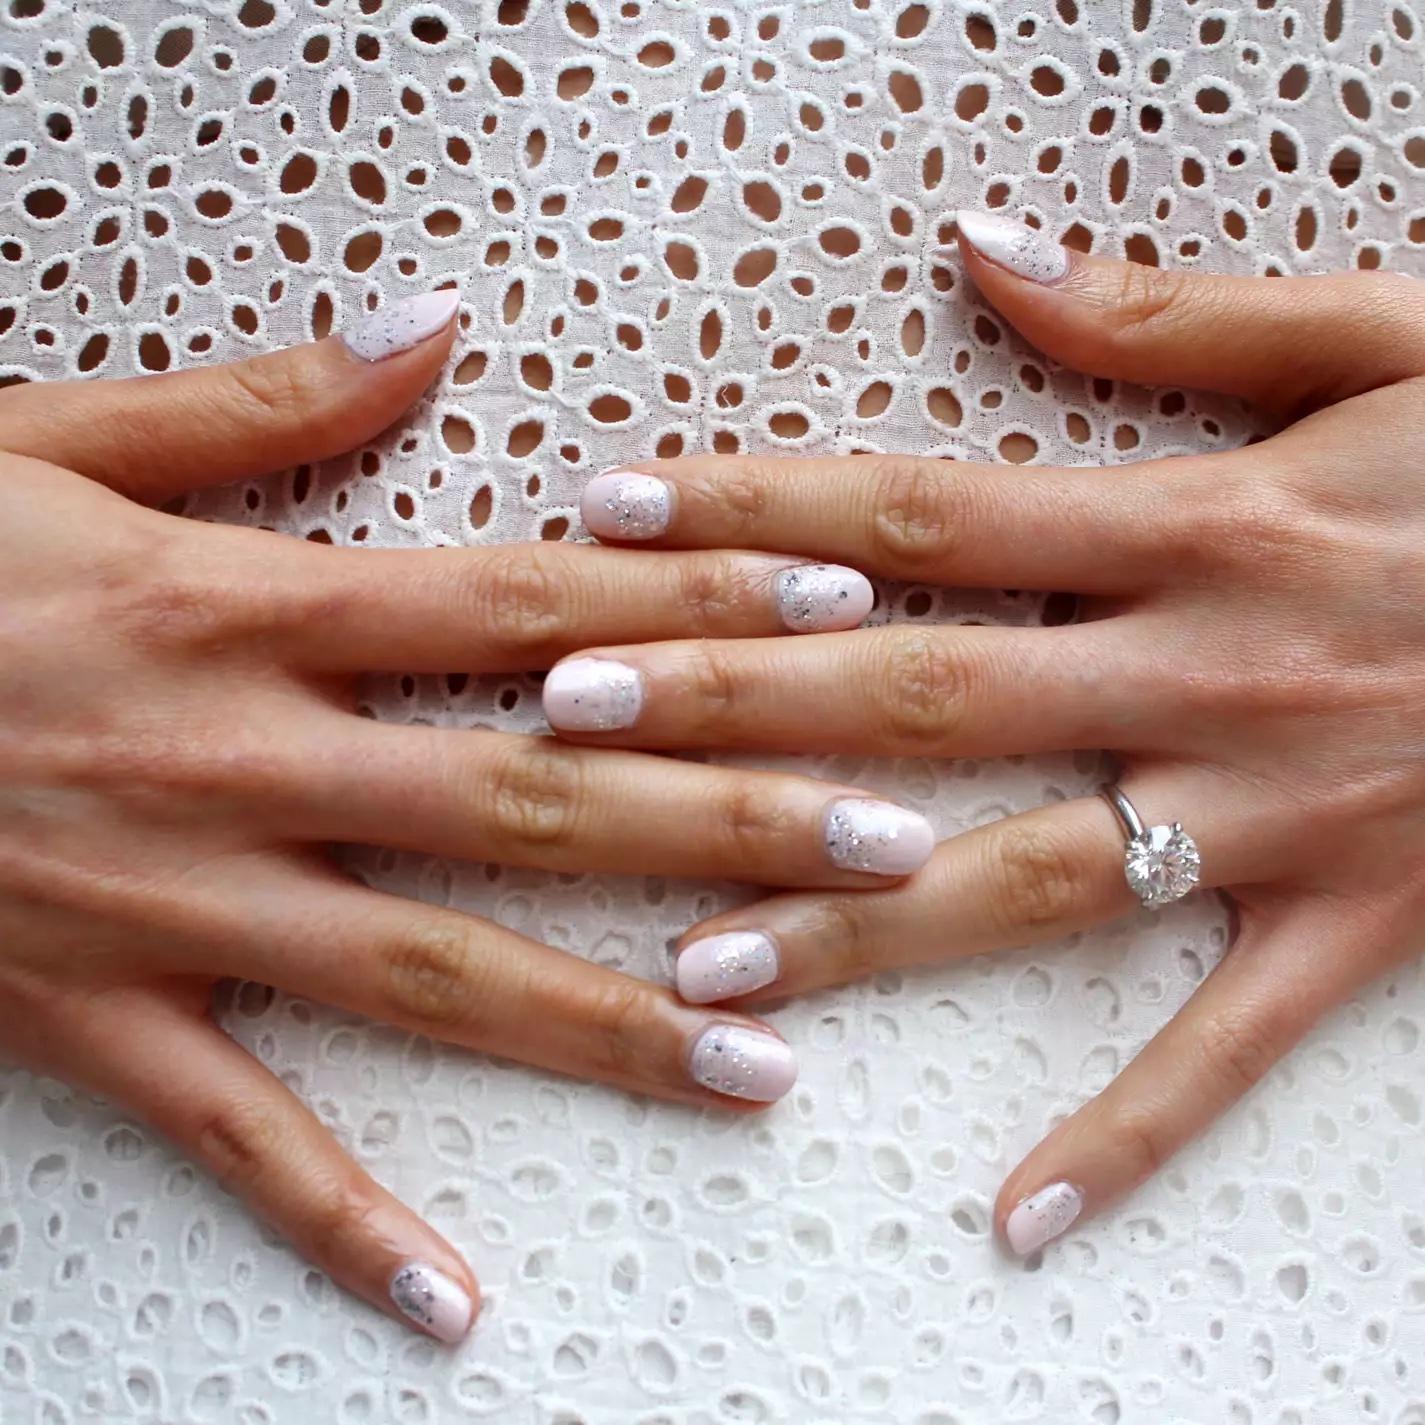 Tendencias en manicure para novias 2021 2022 - Paintbox - Wedding Hub - 01